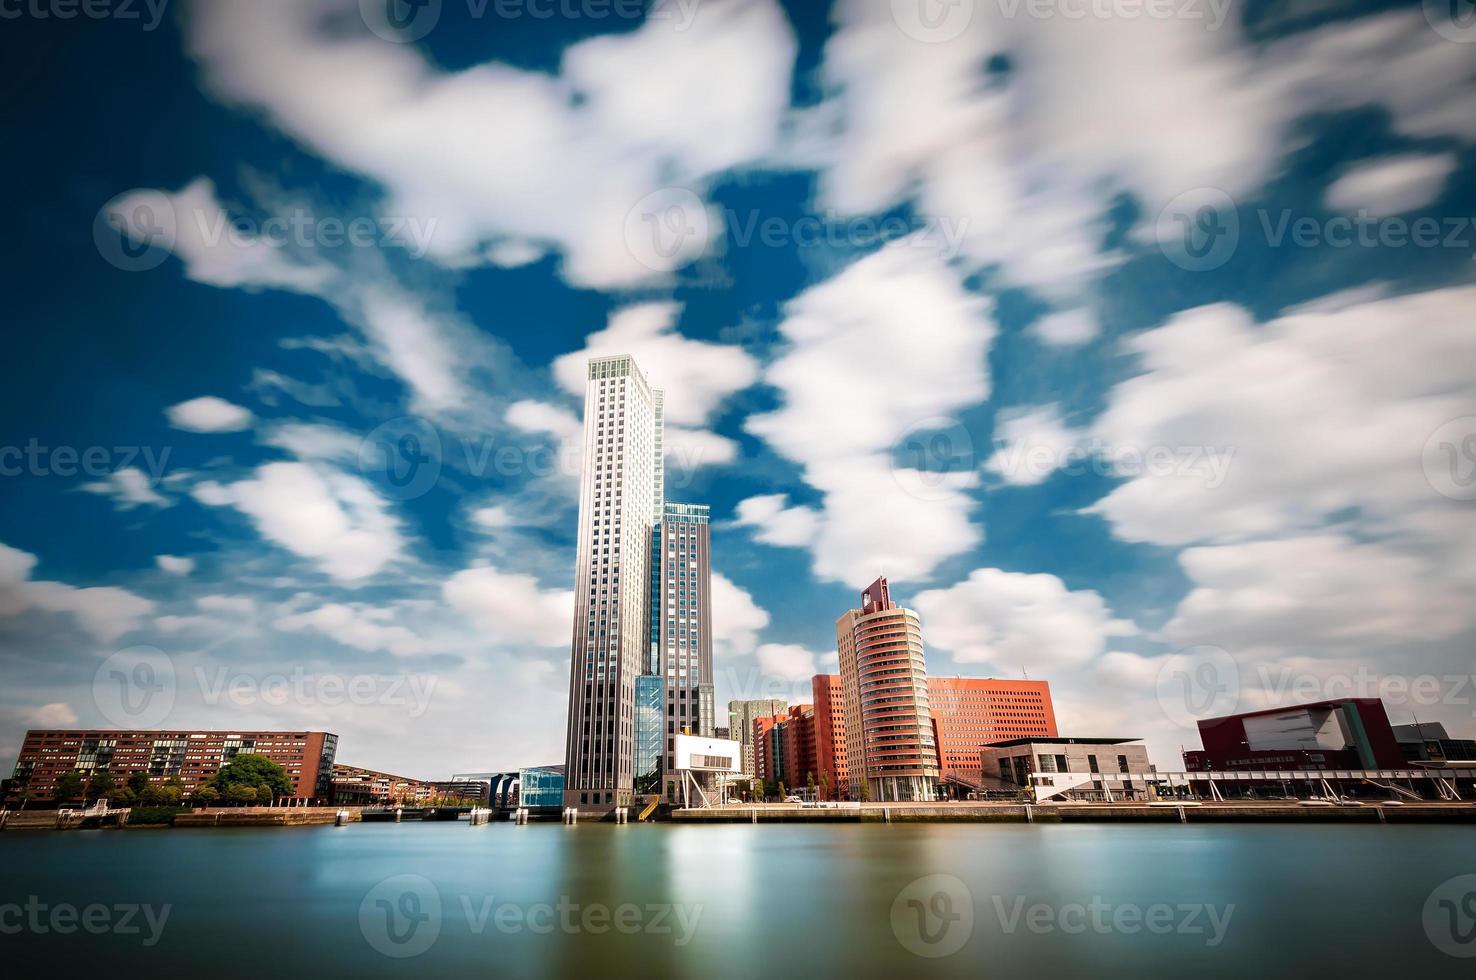 Roterdã com um arranha-céu típico na água foto